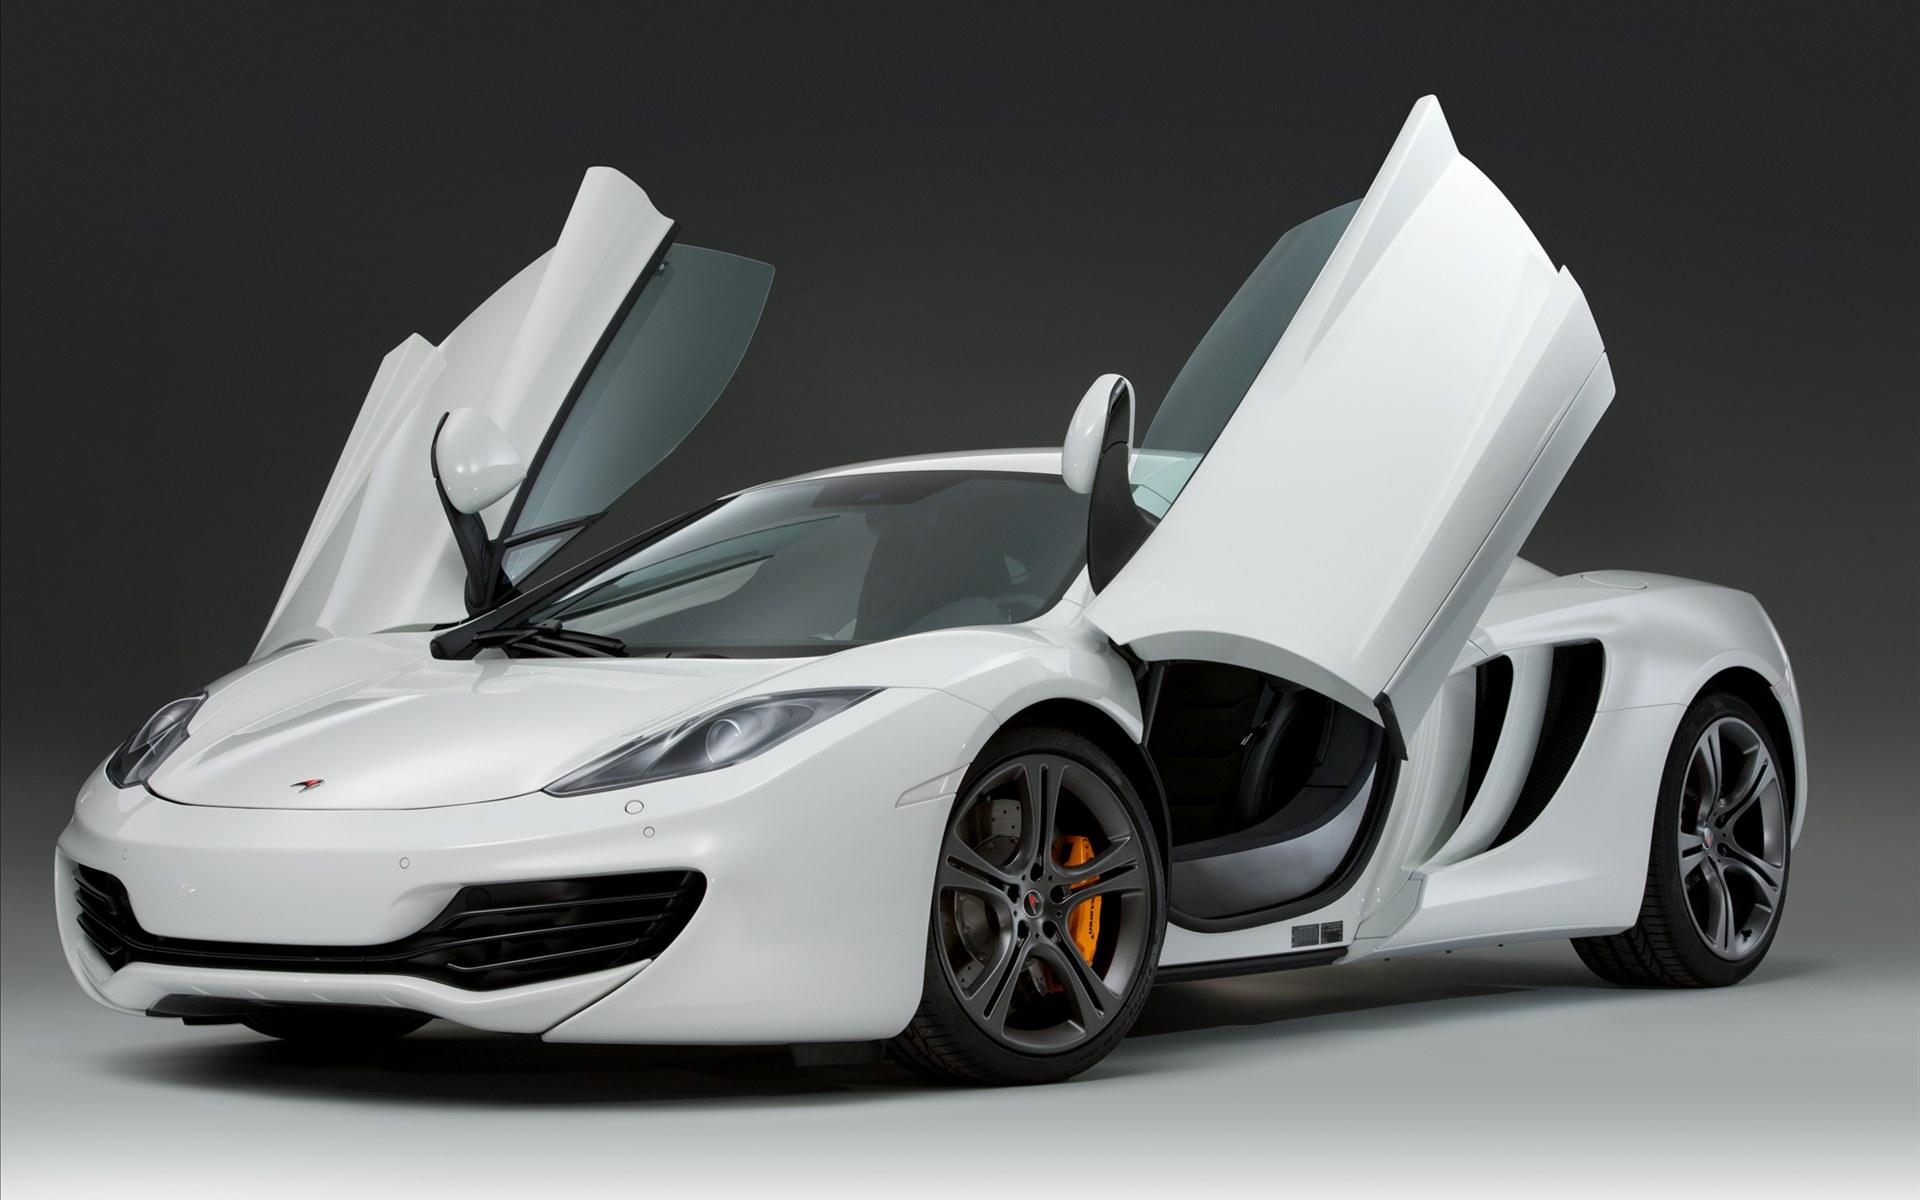 белый спортивный автомобиль mclaren white sports car  № 996080 загрузить